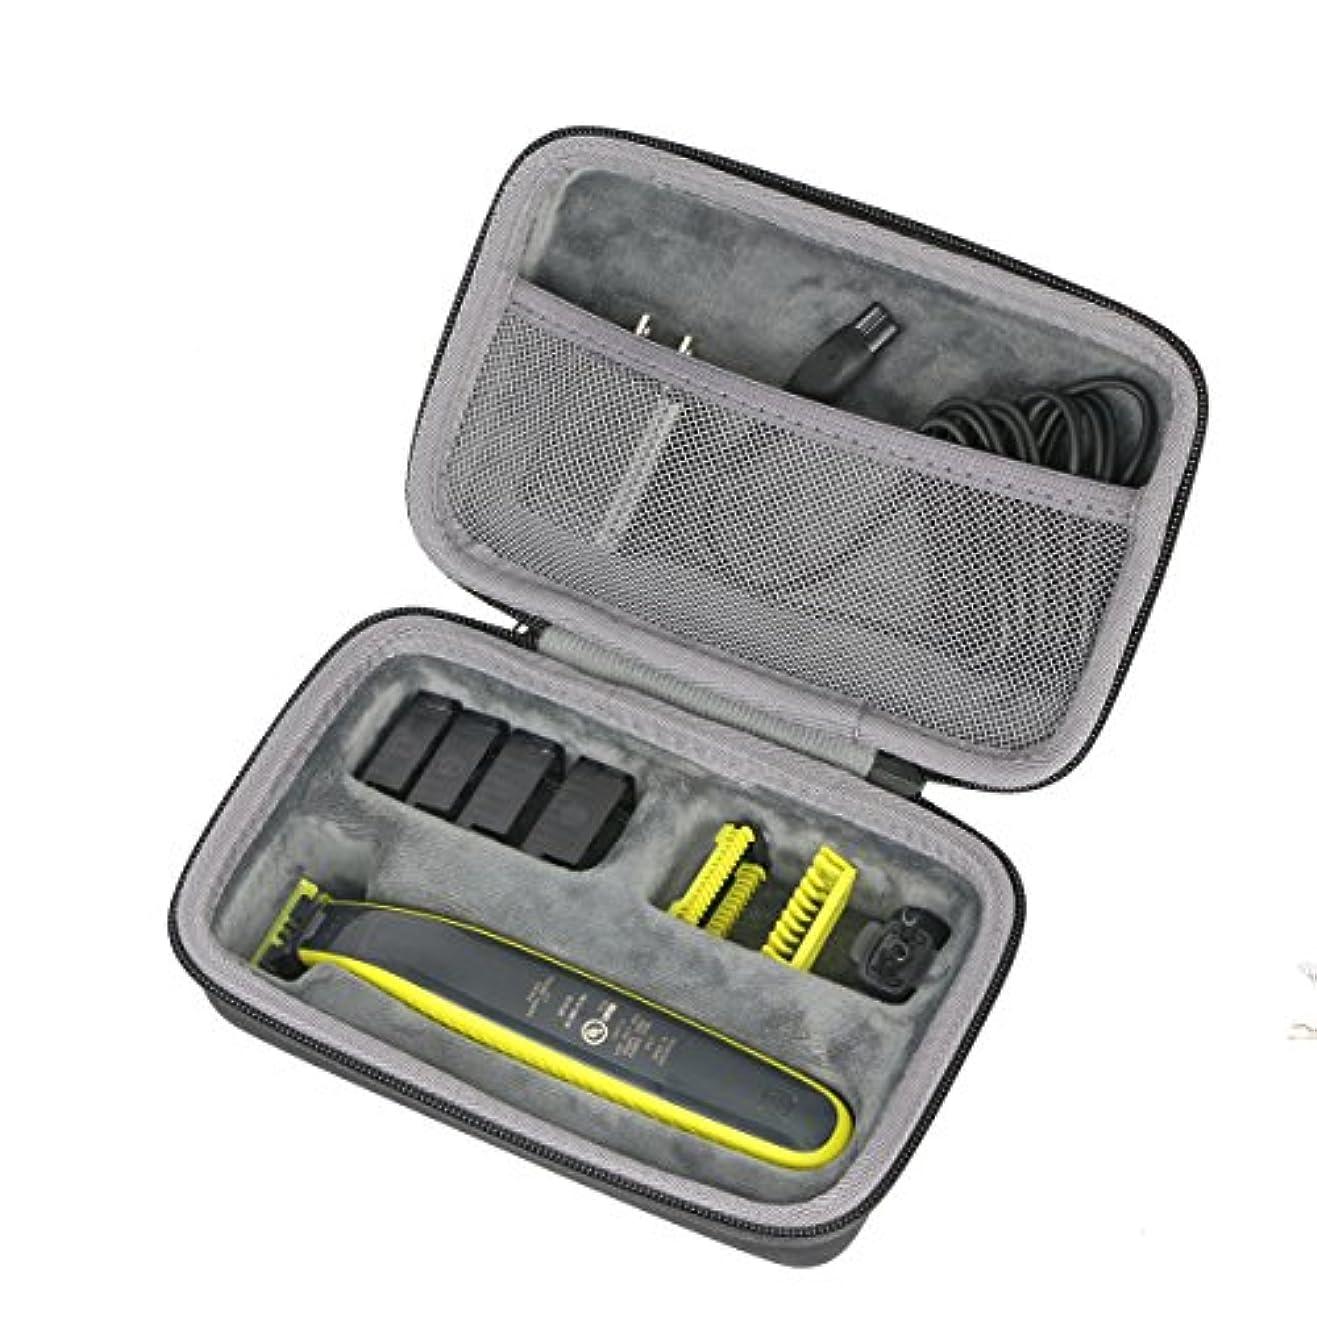 不快開業医首Philips Norelco OneBlade Hybrid Rechargeable Trimmer QP2630/70ノ専用旅行収納 デザインノco2CREA バッグ